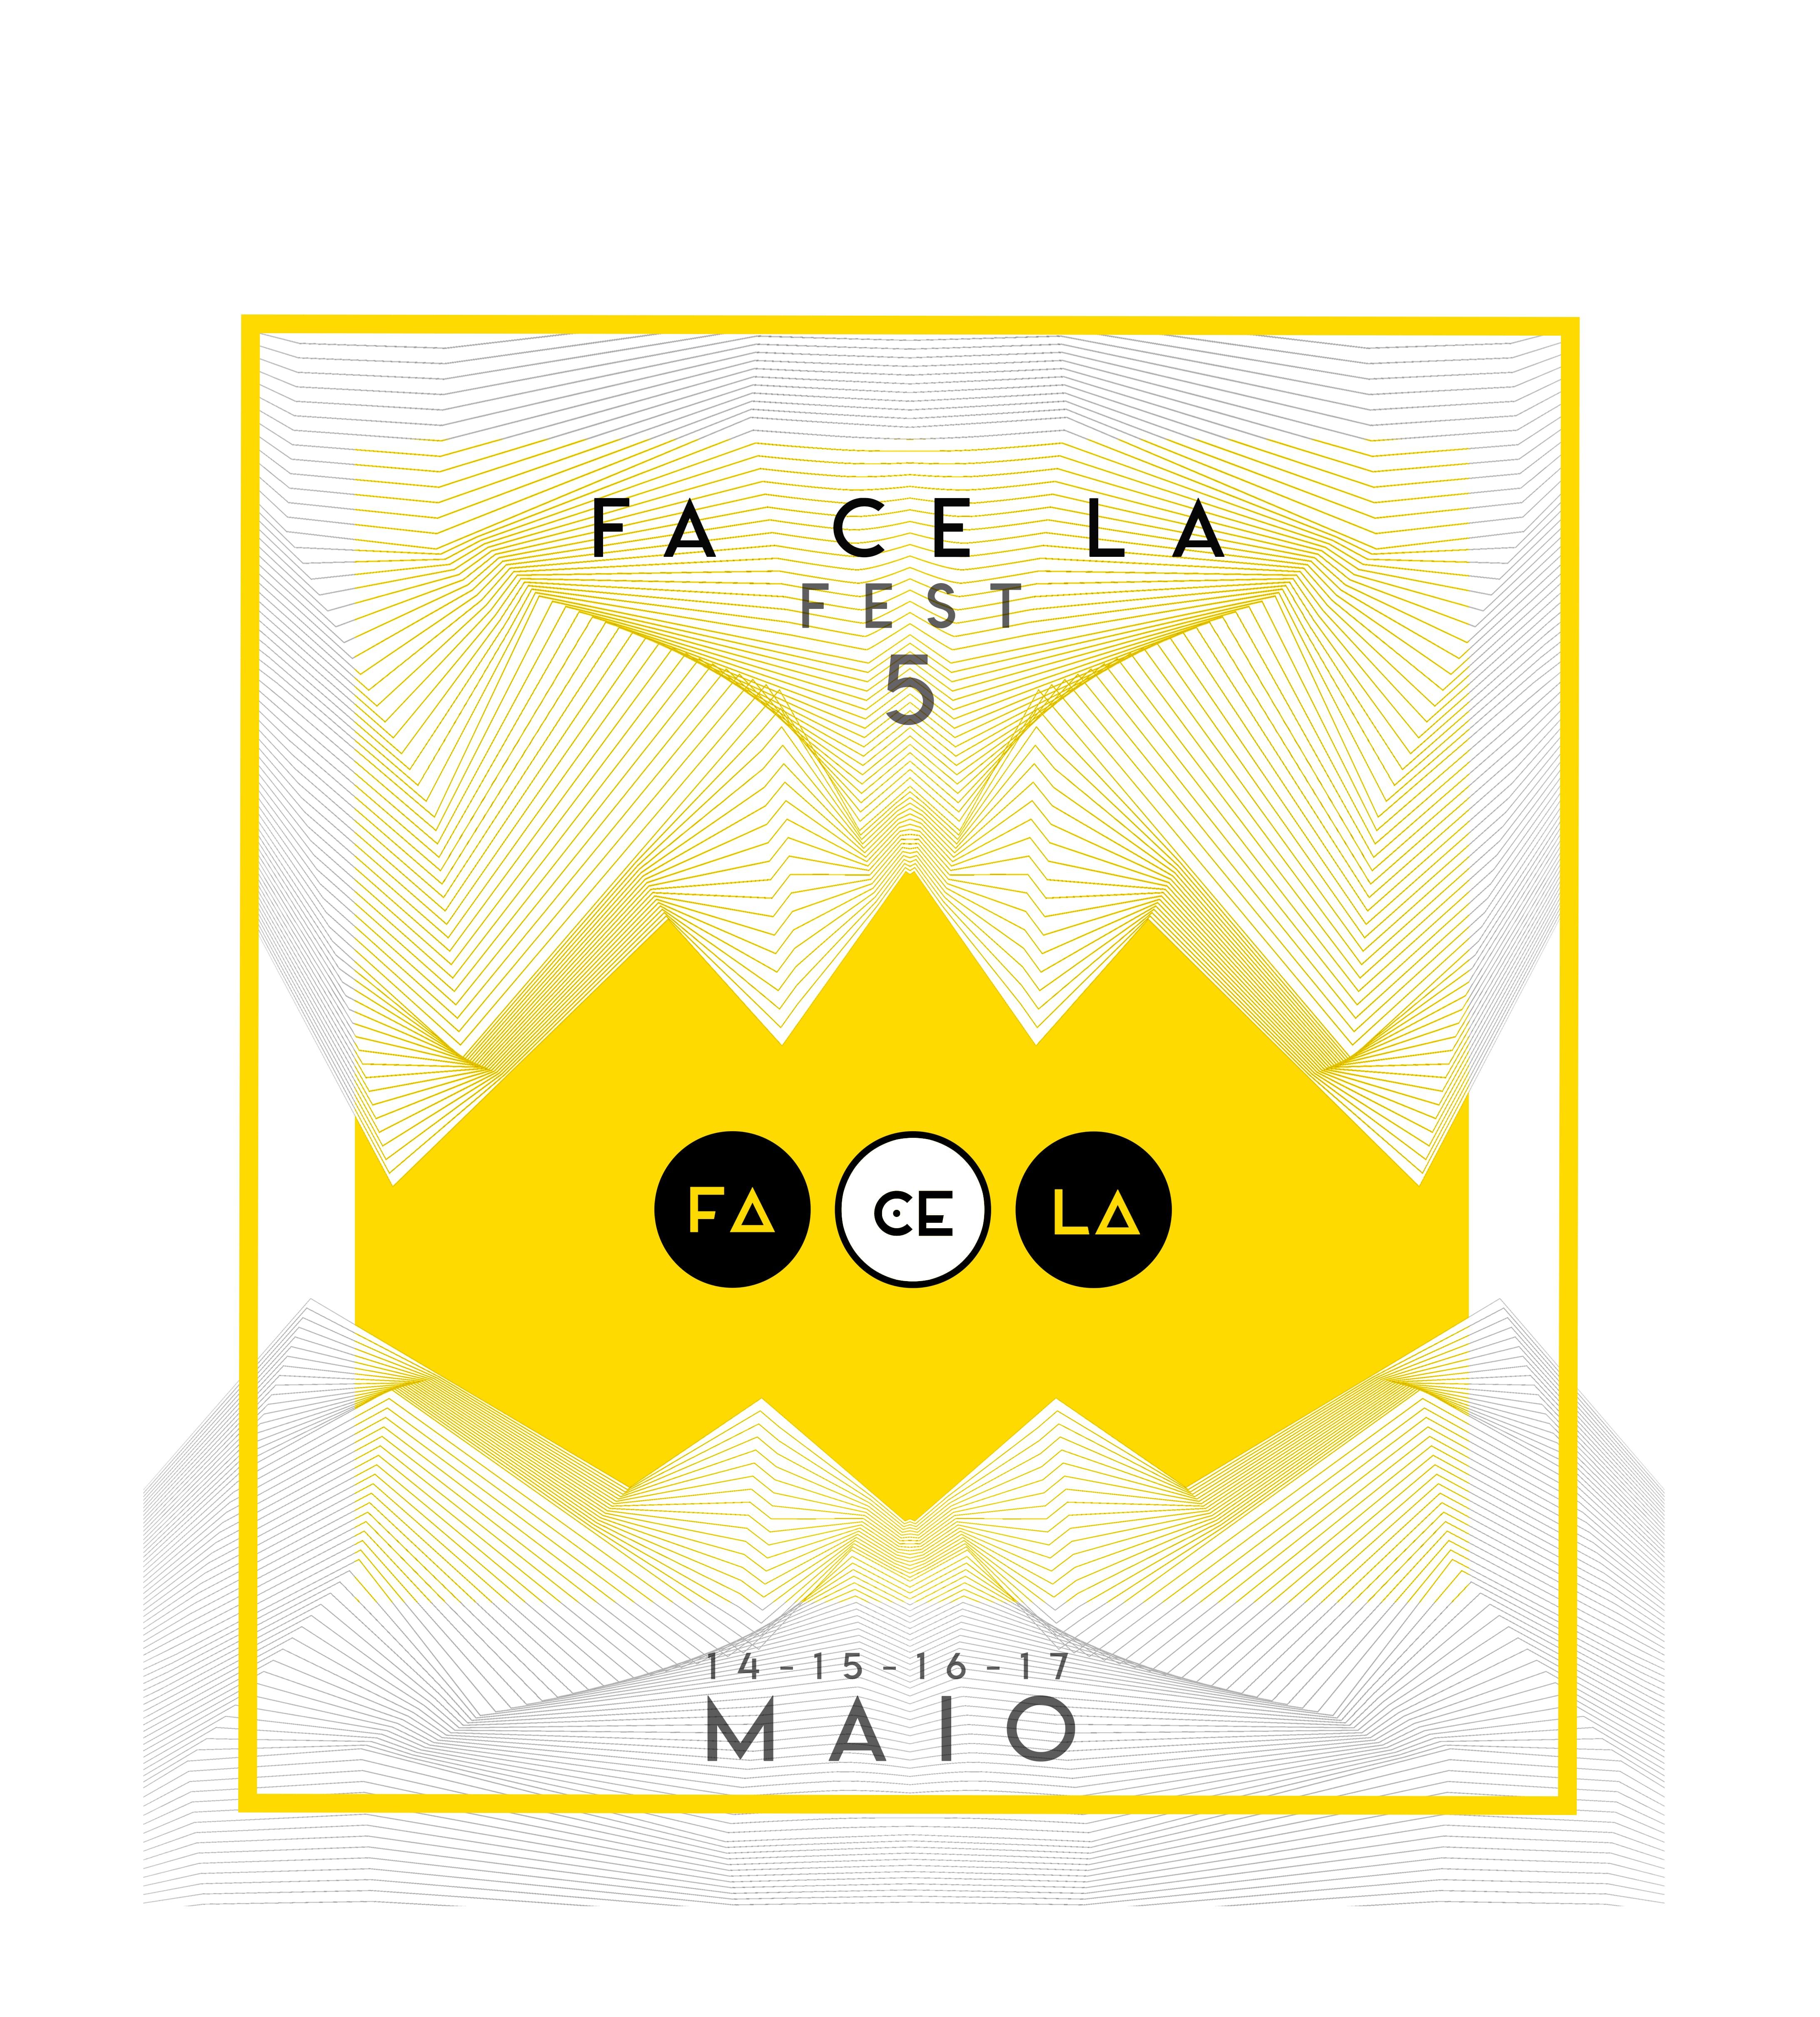 Fa Ce La Fest 5 Tickets Lineup Bands For Fa Ce La Fest 5 Wegow